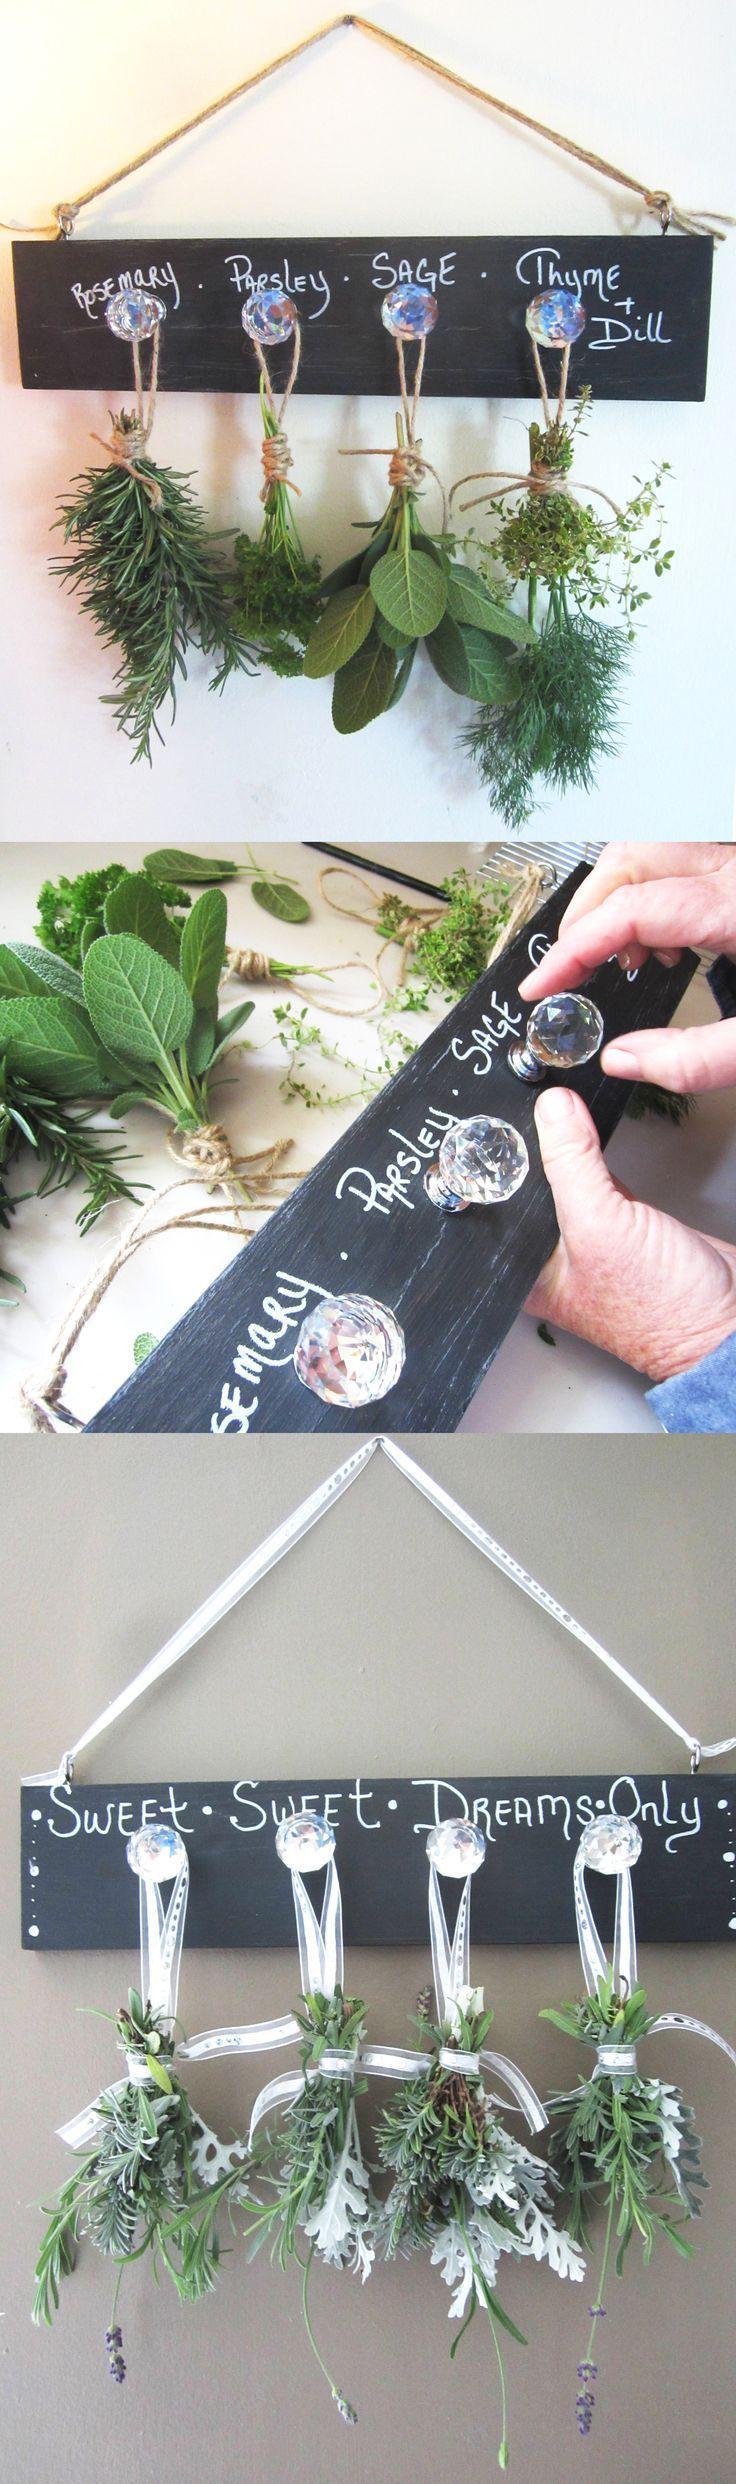 69 besten Versachalk for Gardening Bilder auf Pinterest | Dekoration ...